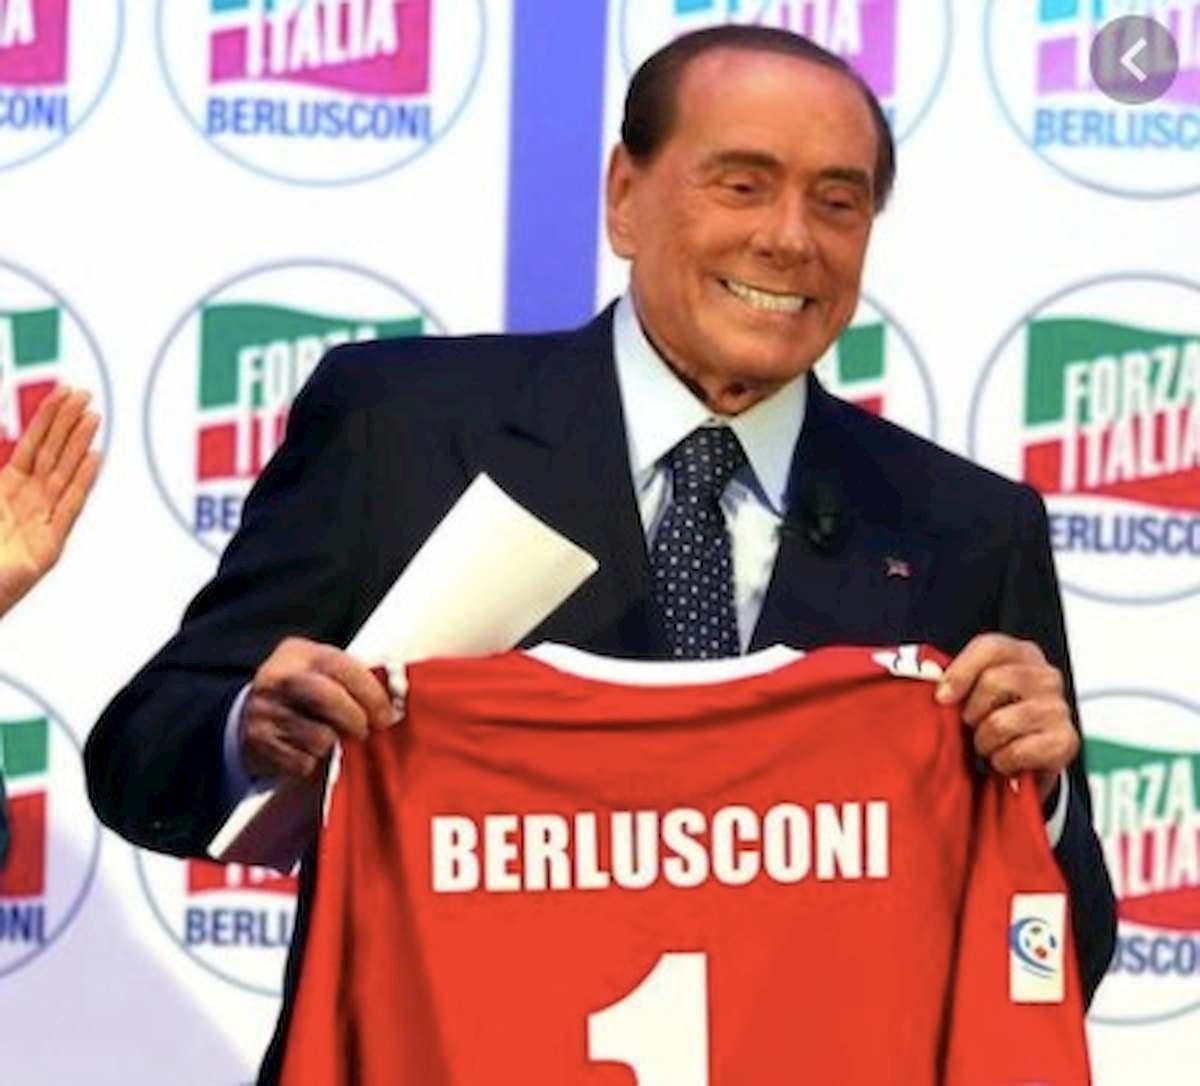 Serie C, i club hanno deciso: Monza, Vicenza e Reggina in Serie B. Polemiche sul Carpi